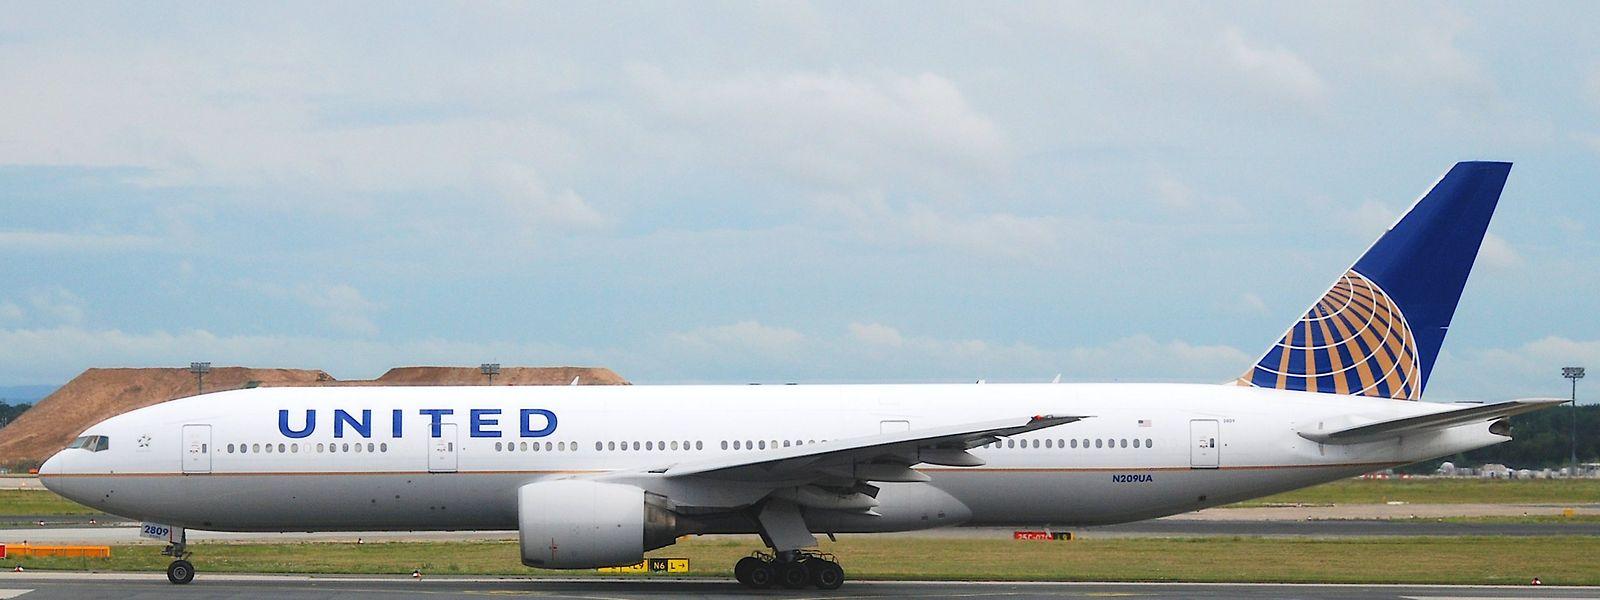 Die United-Maschine stand 14 Stunden lang in der Kälte von Neufundland.